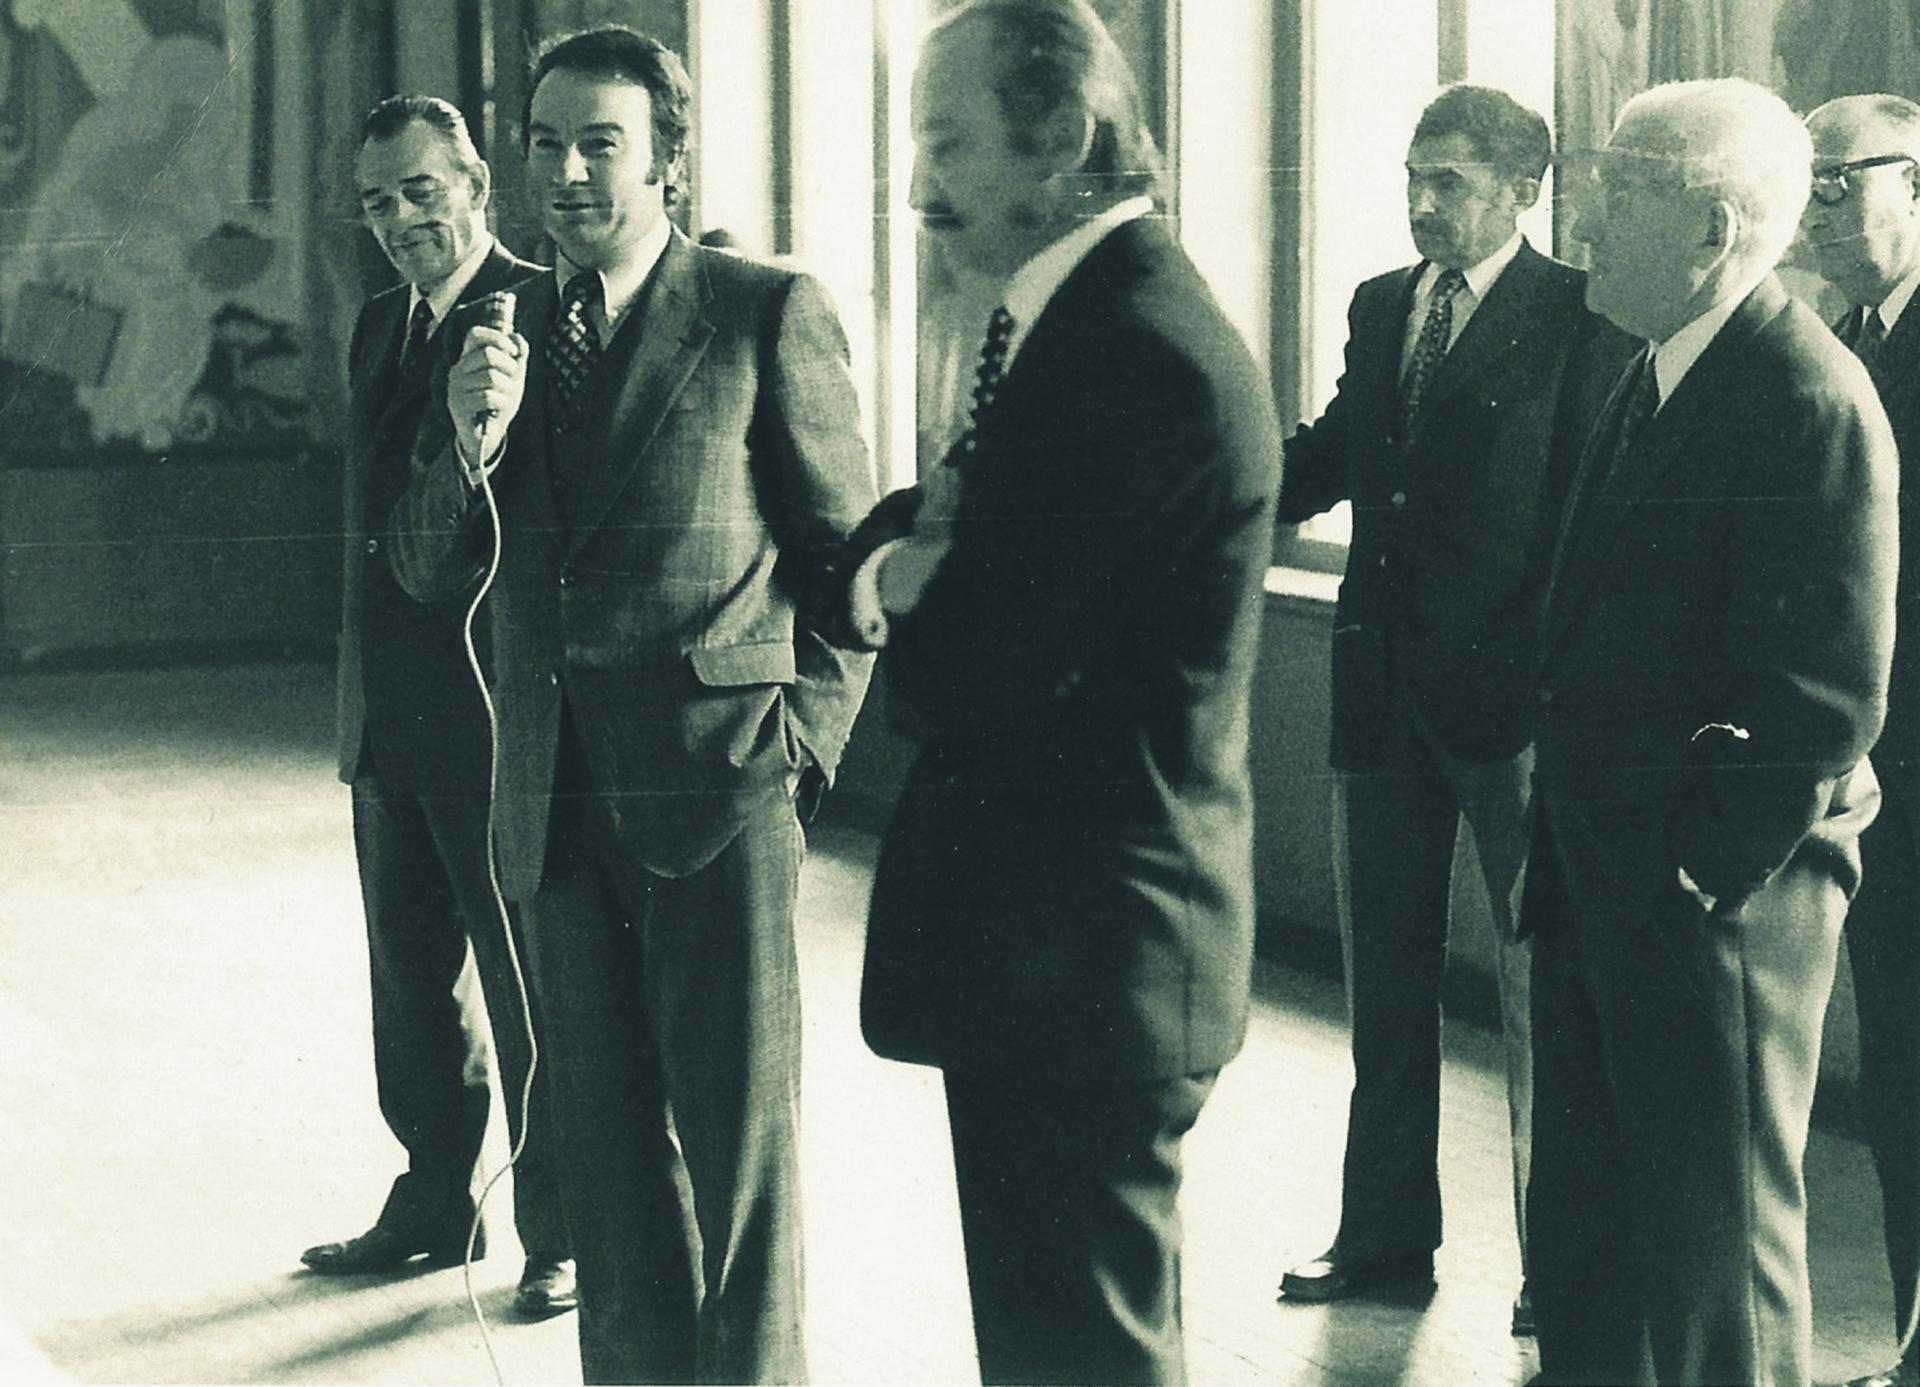 En 1971, à la mairie de FUMEL (47) Christian Bernad expliquant le programme d'aménagement de la vallée du Lot, aux élus du Lot-et-Garonne, en présence du préfet et de Pierre Truteau, Chargé de mission. (DR)